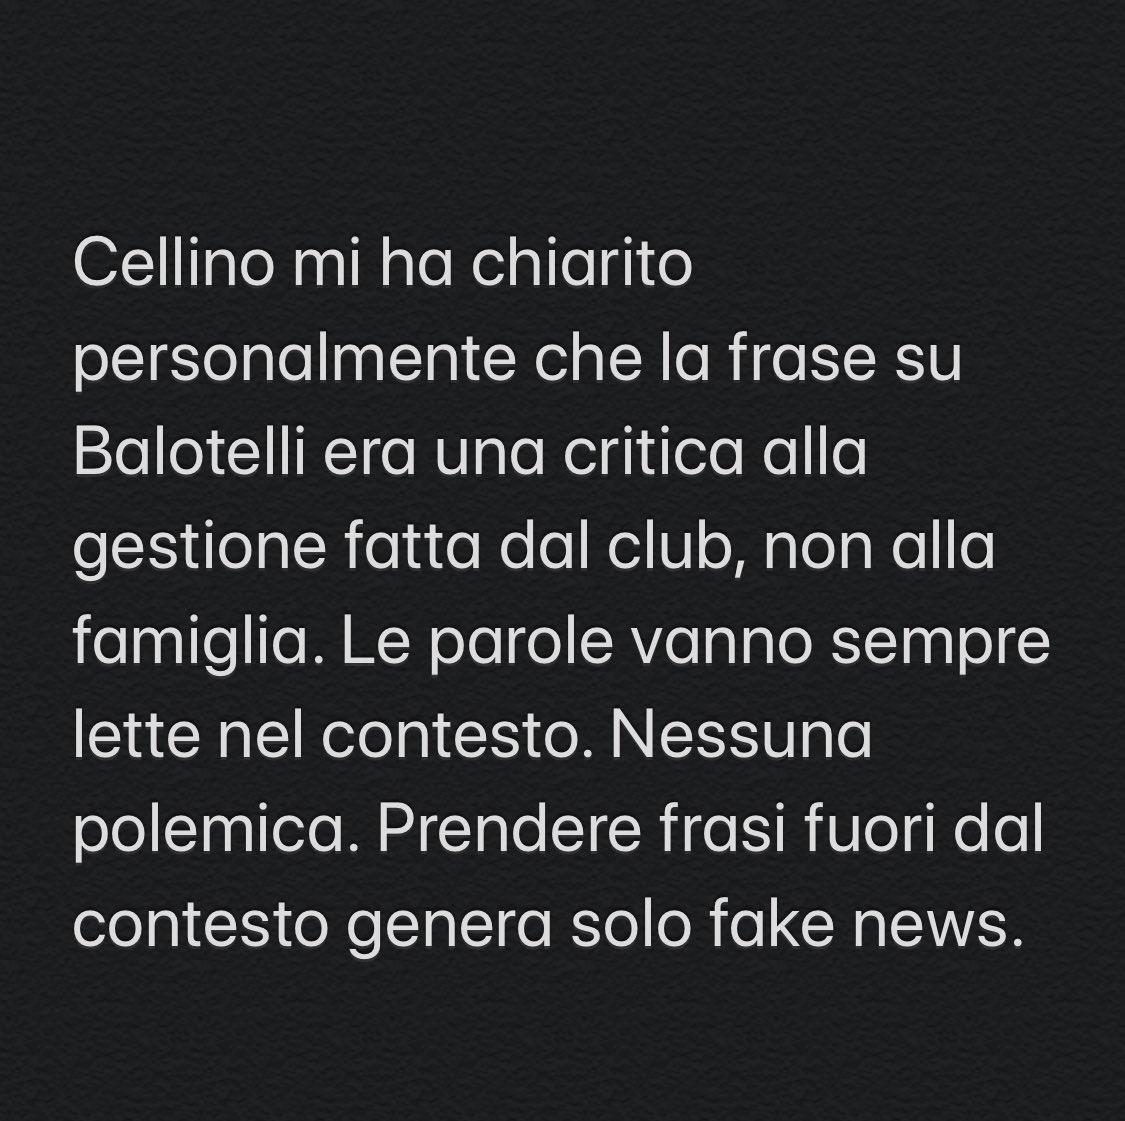 Cellino mi ha chiarito personalmente che la frase su Balotelli era una critica alla gestione fatta dal club, non alla famiglia. Le parole vanno sempre lette nel contesto. Nessuna polemica. Prendere frasi fuori dal contesto genera solo fake news. @FinallyMario https://t.co/taJyQUZ9fy